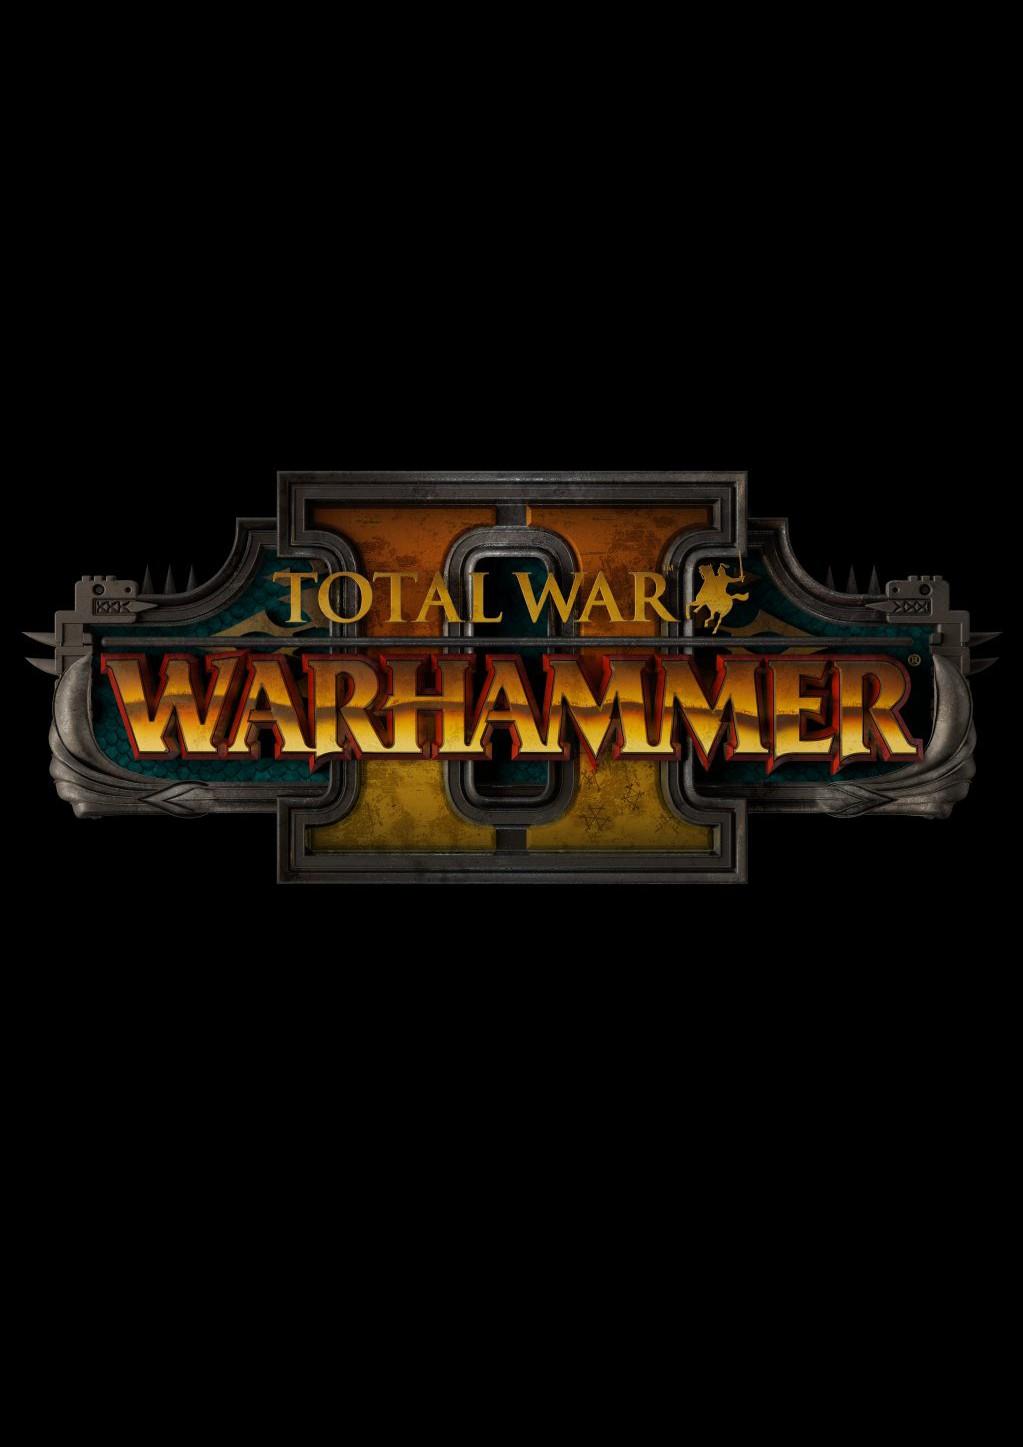 Total War WARHAMMER 2 Steam Key Europe